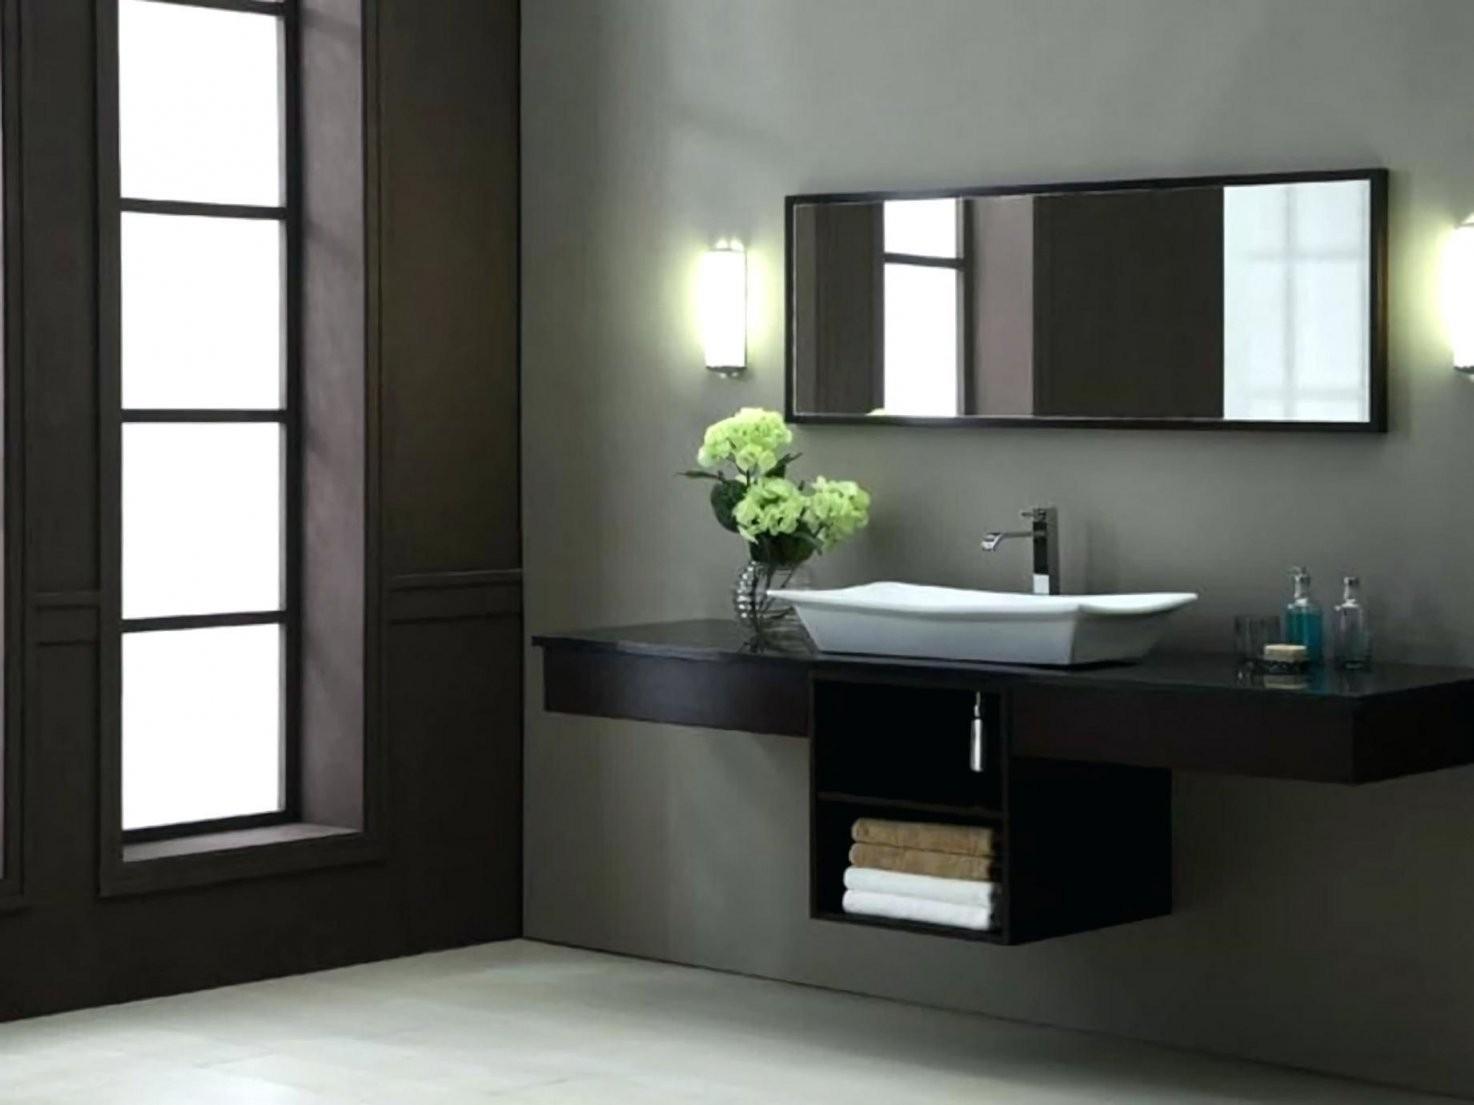 Steckdose Bad Spiegelschrank Kleines Mit Und Ohne Auaen Waschtisch von Spiegelschrank Für Kleines Bad Photo